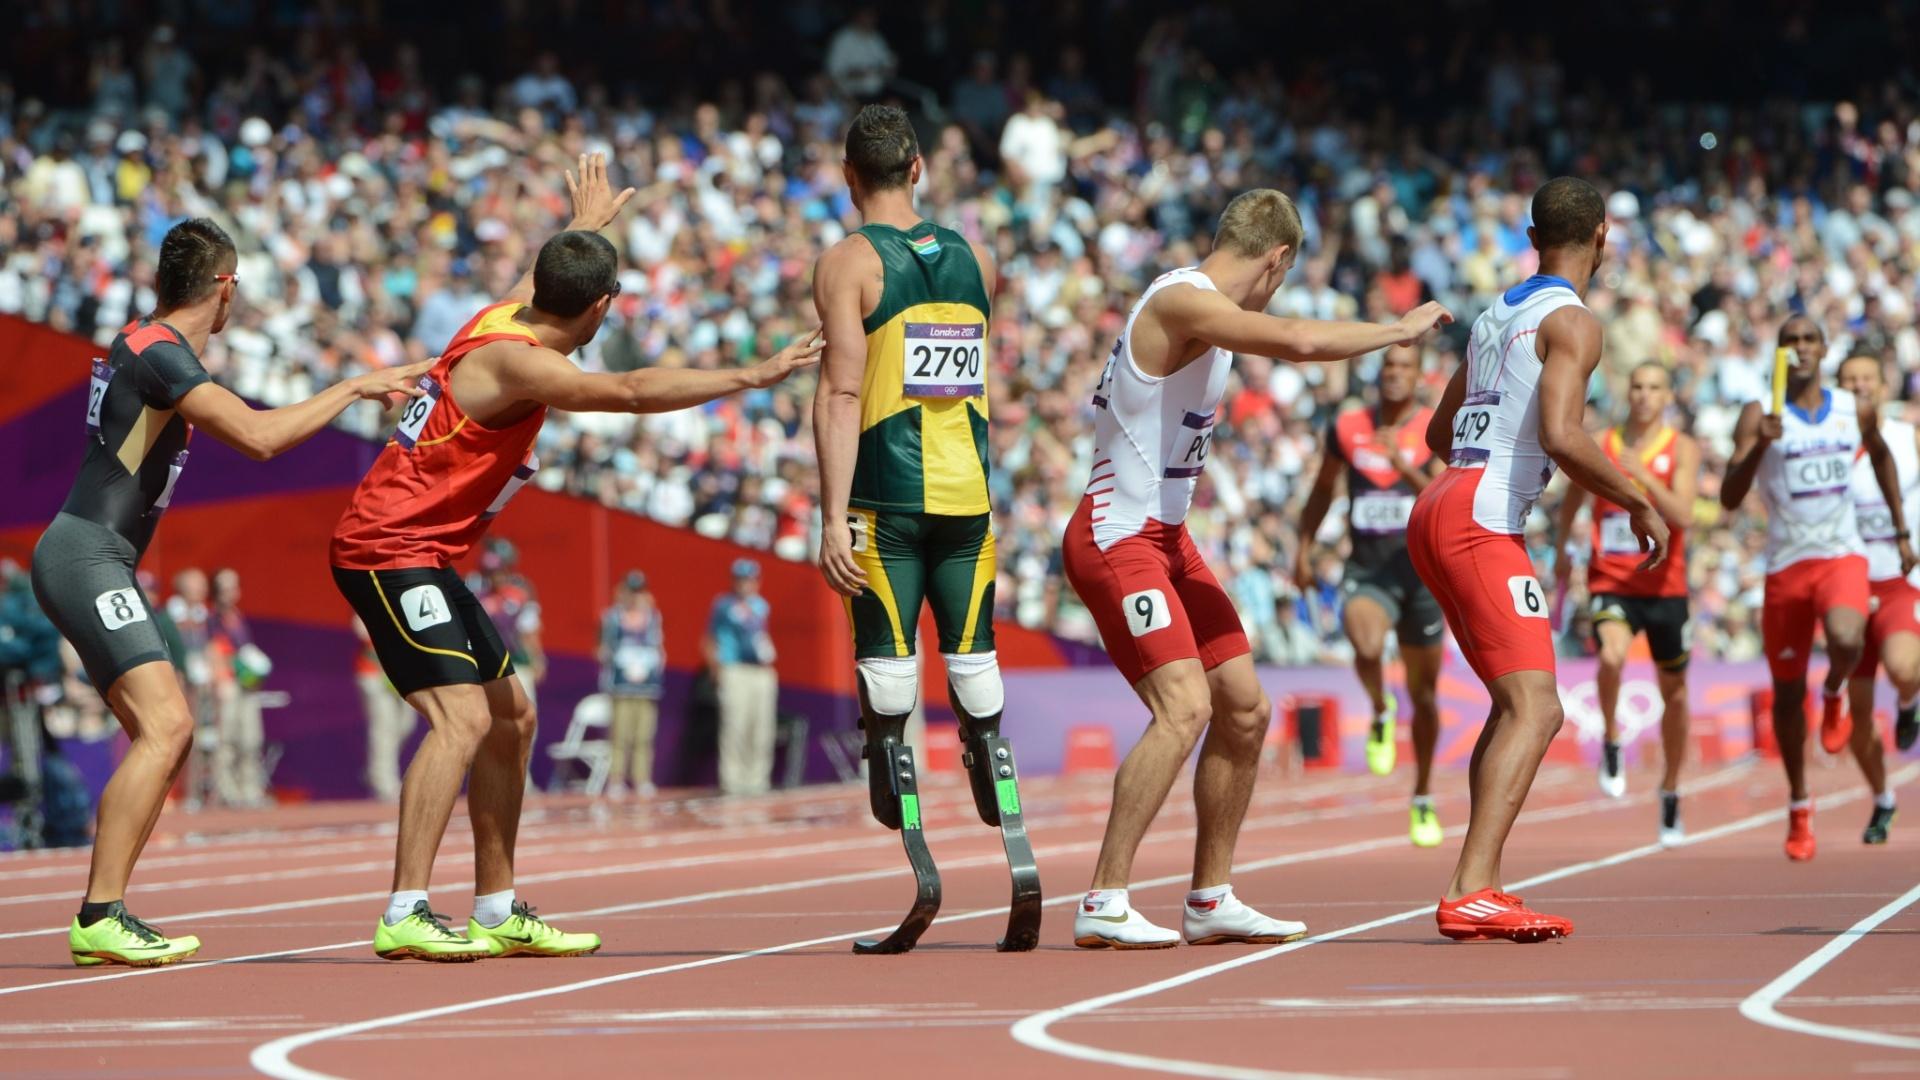 Oscar Pistorius aguarda companheiro para pegar bastão no revezamento 4x400m em Londres